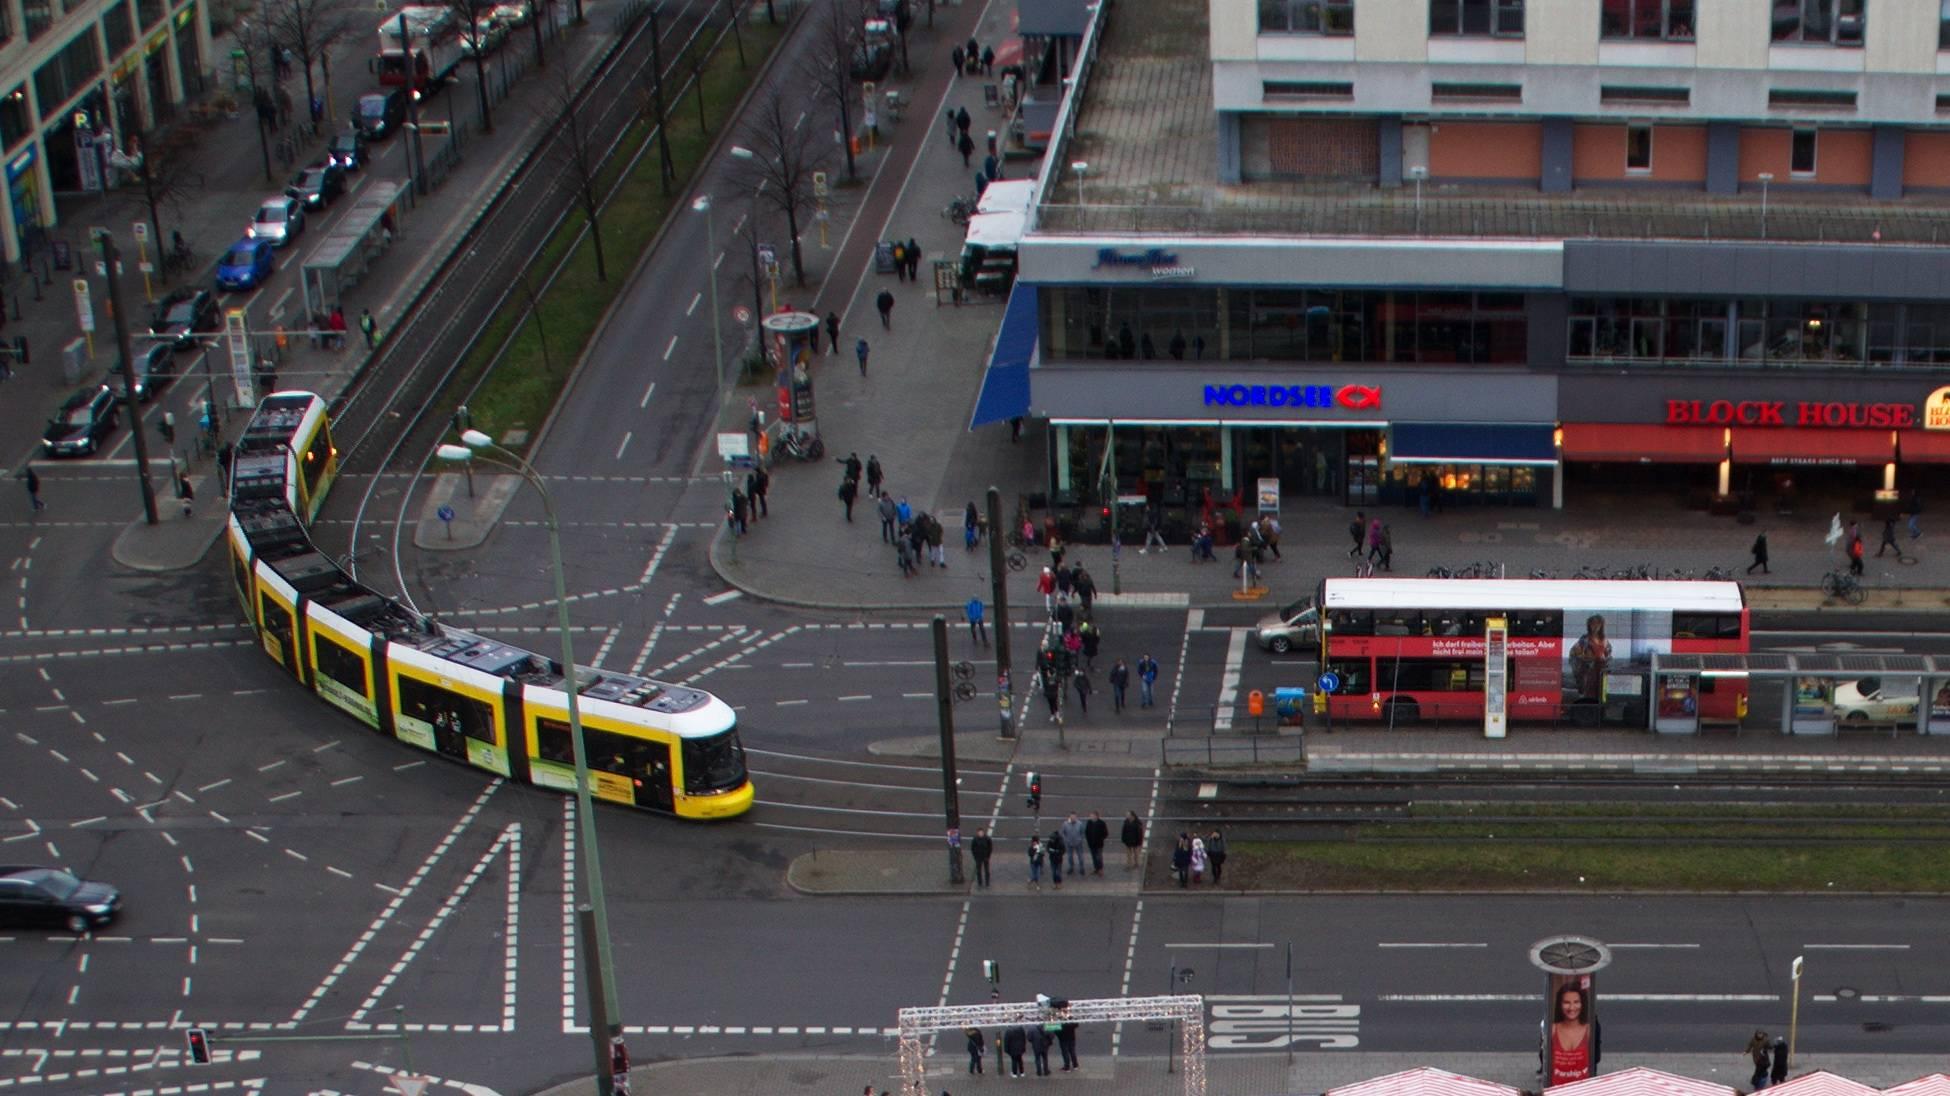 Общественный транспорт берлина — маршруты, типы билетов и цены